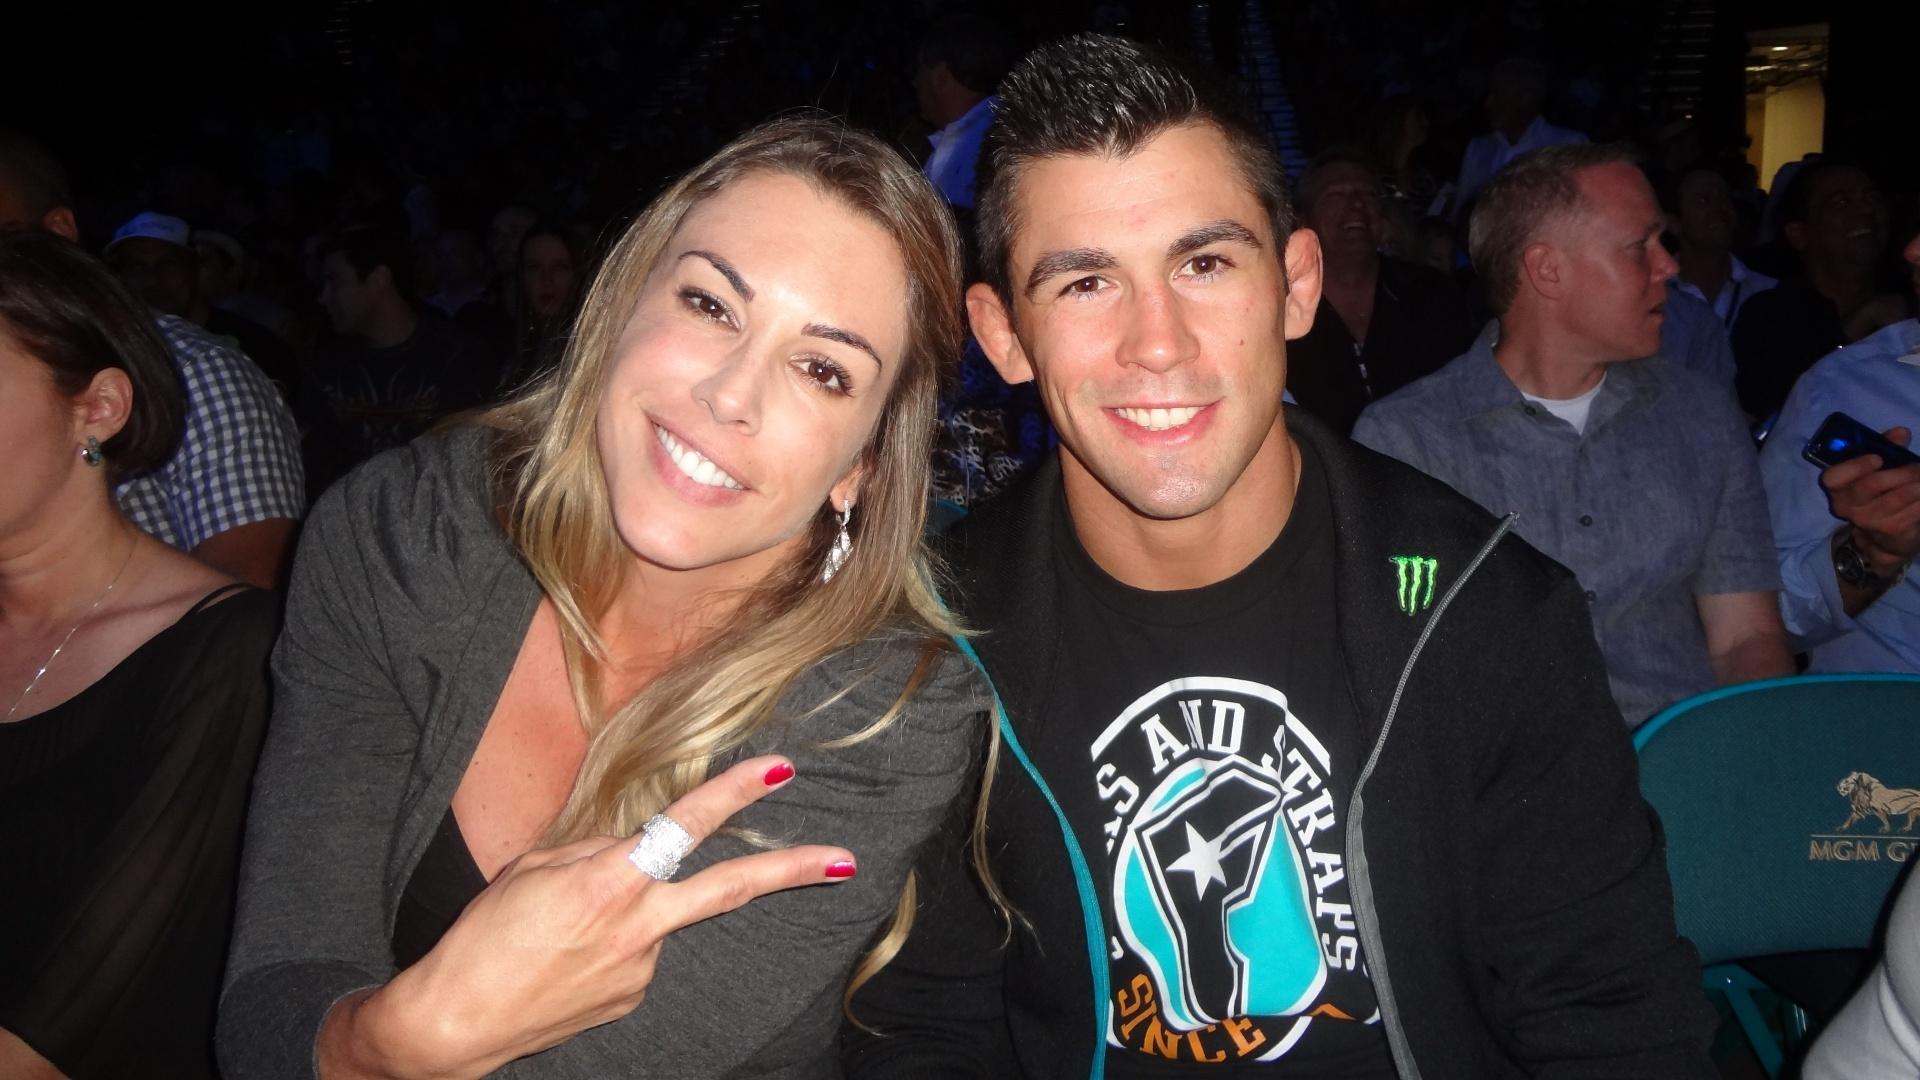 Joana Prado acompanhou o UFC 146, em Las Vegas, ao lado do campeão dos galos Dominick Cruz